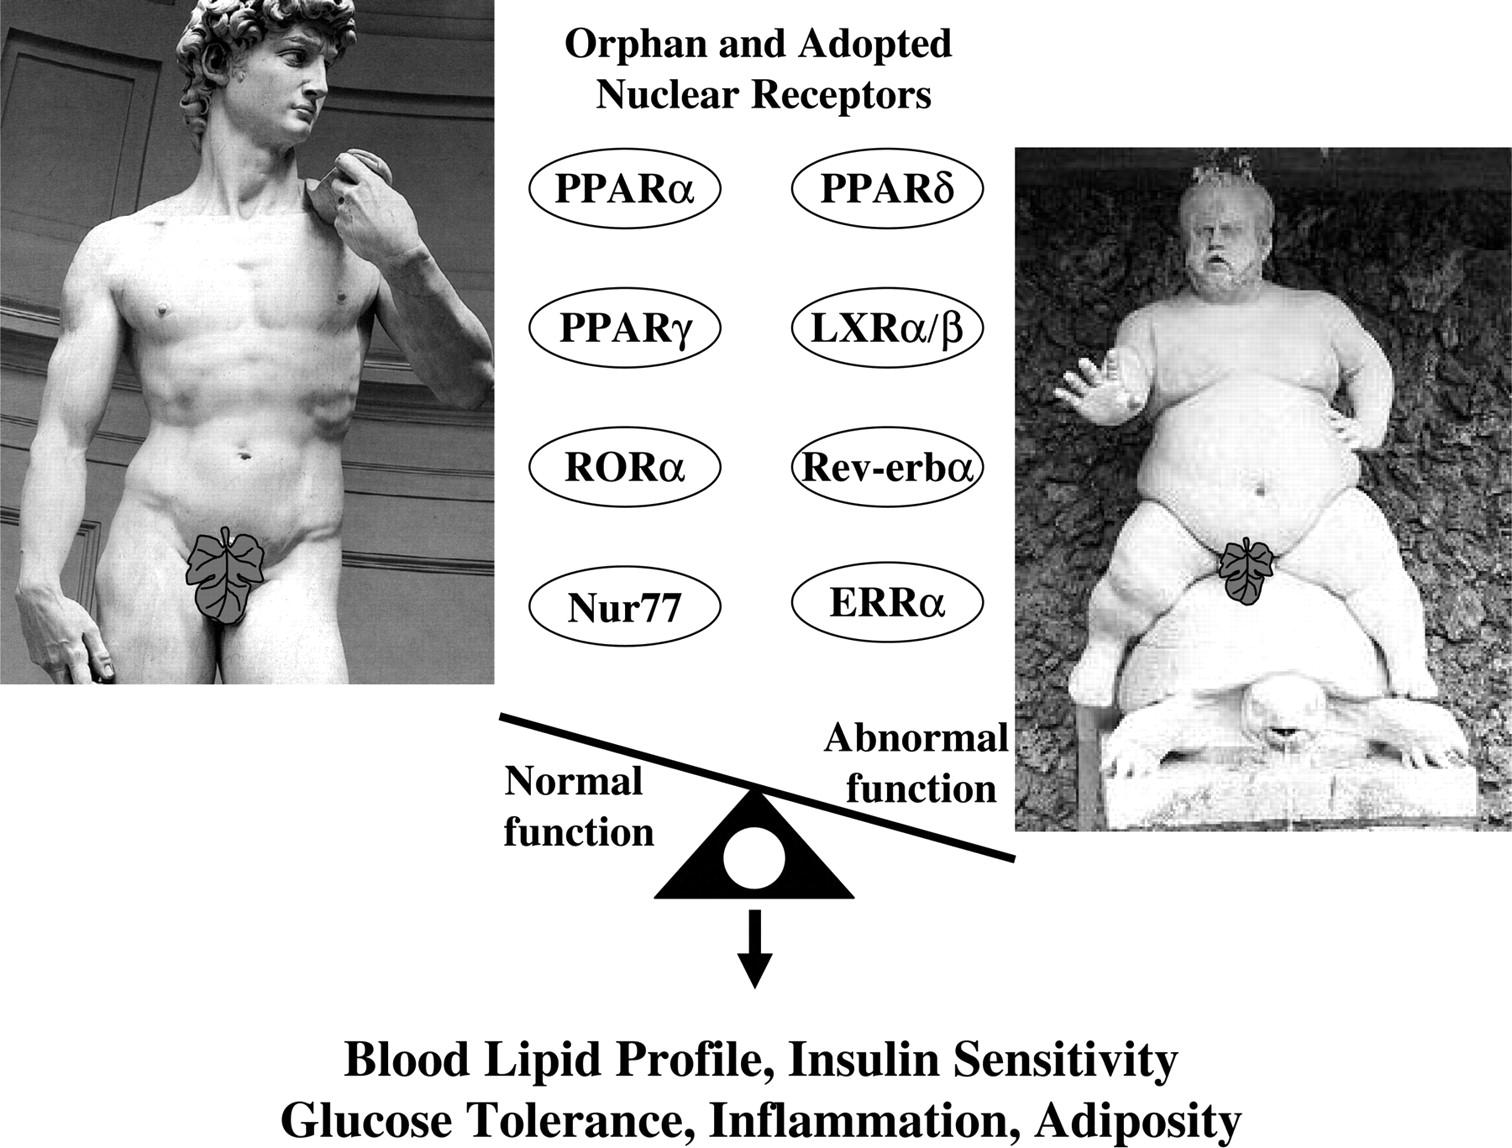 代謝産物 オーファン受容体と肥満の関連を示す図